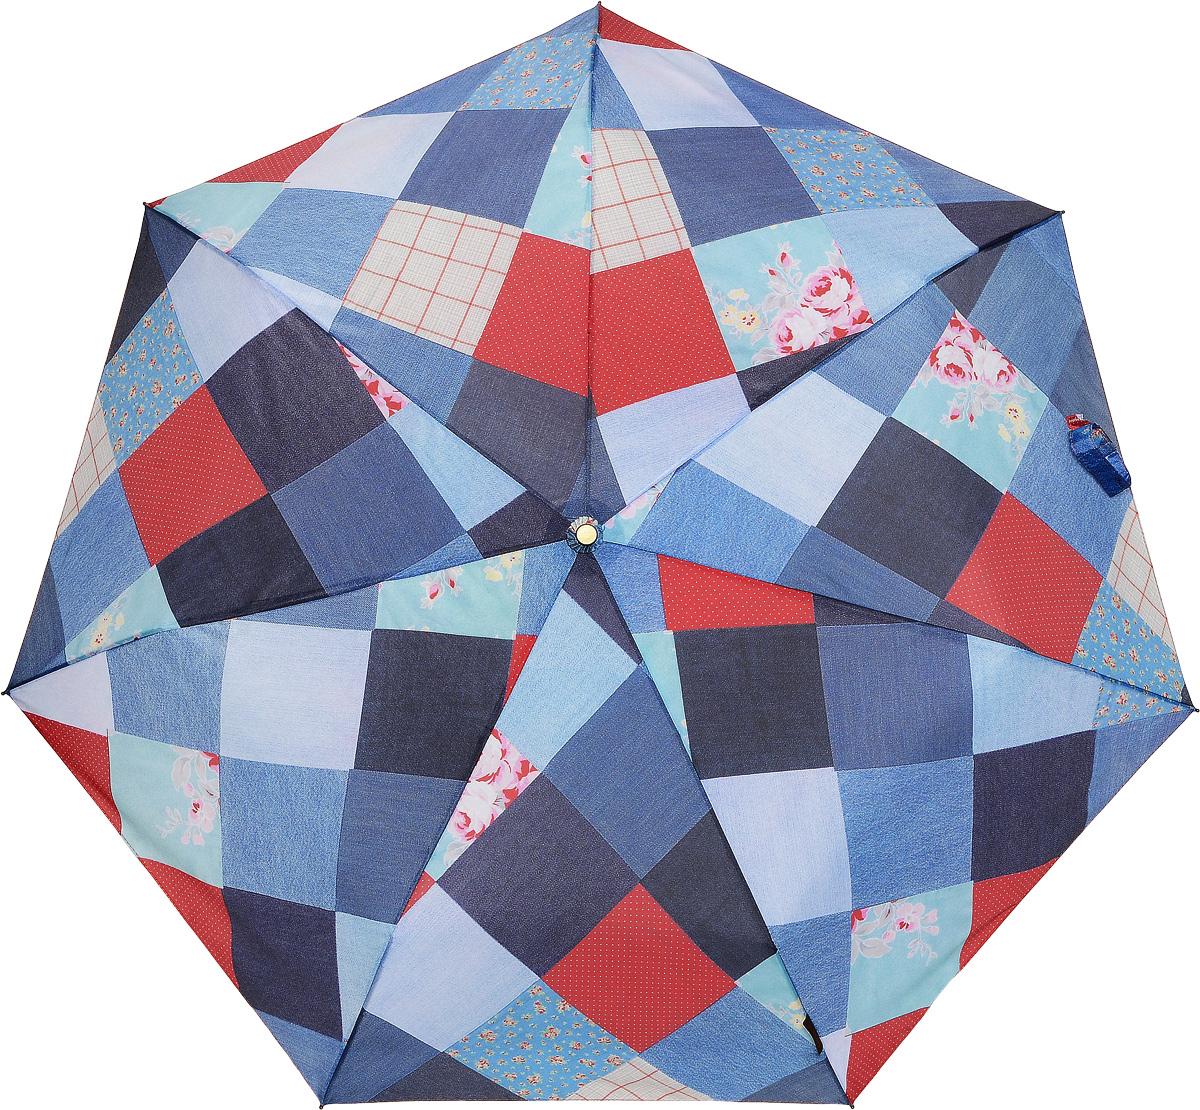 Bisetti 35163-3 Зонт полный автом. 3 сл. жен.35163-3Зонт испанского производителя Clima. В производстве зонтов используются современные материалы, что делает зонты легкими, но в то же время крепкими.Полный автомат, 3 сложения, 8 спиц по 54см, полиэстер.